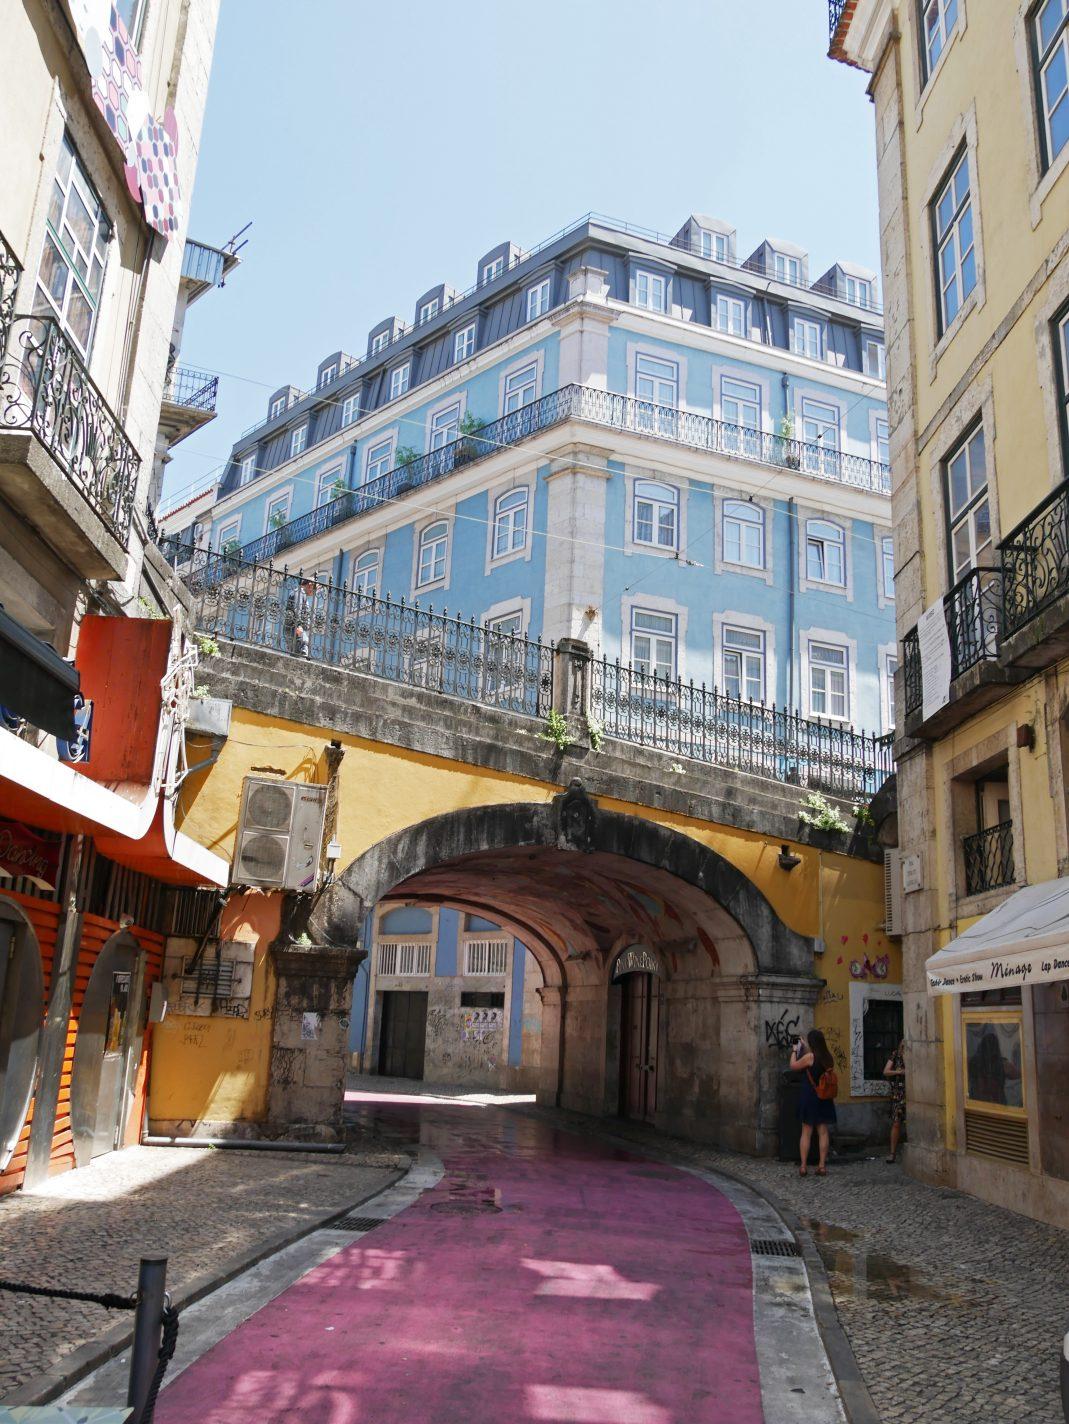 Kleurrijk straatje in het centrum van Lissabon